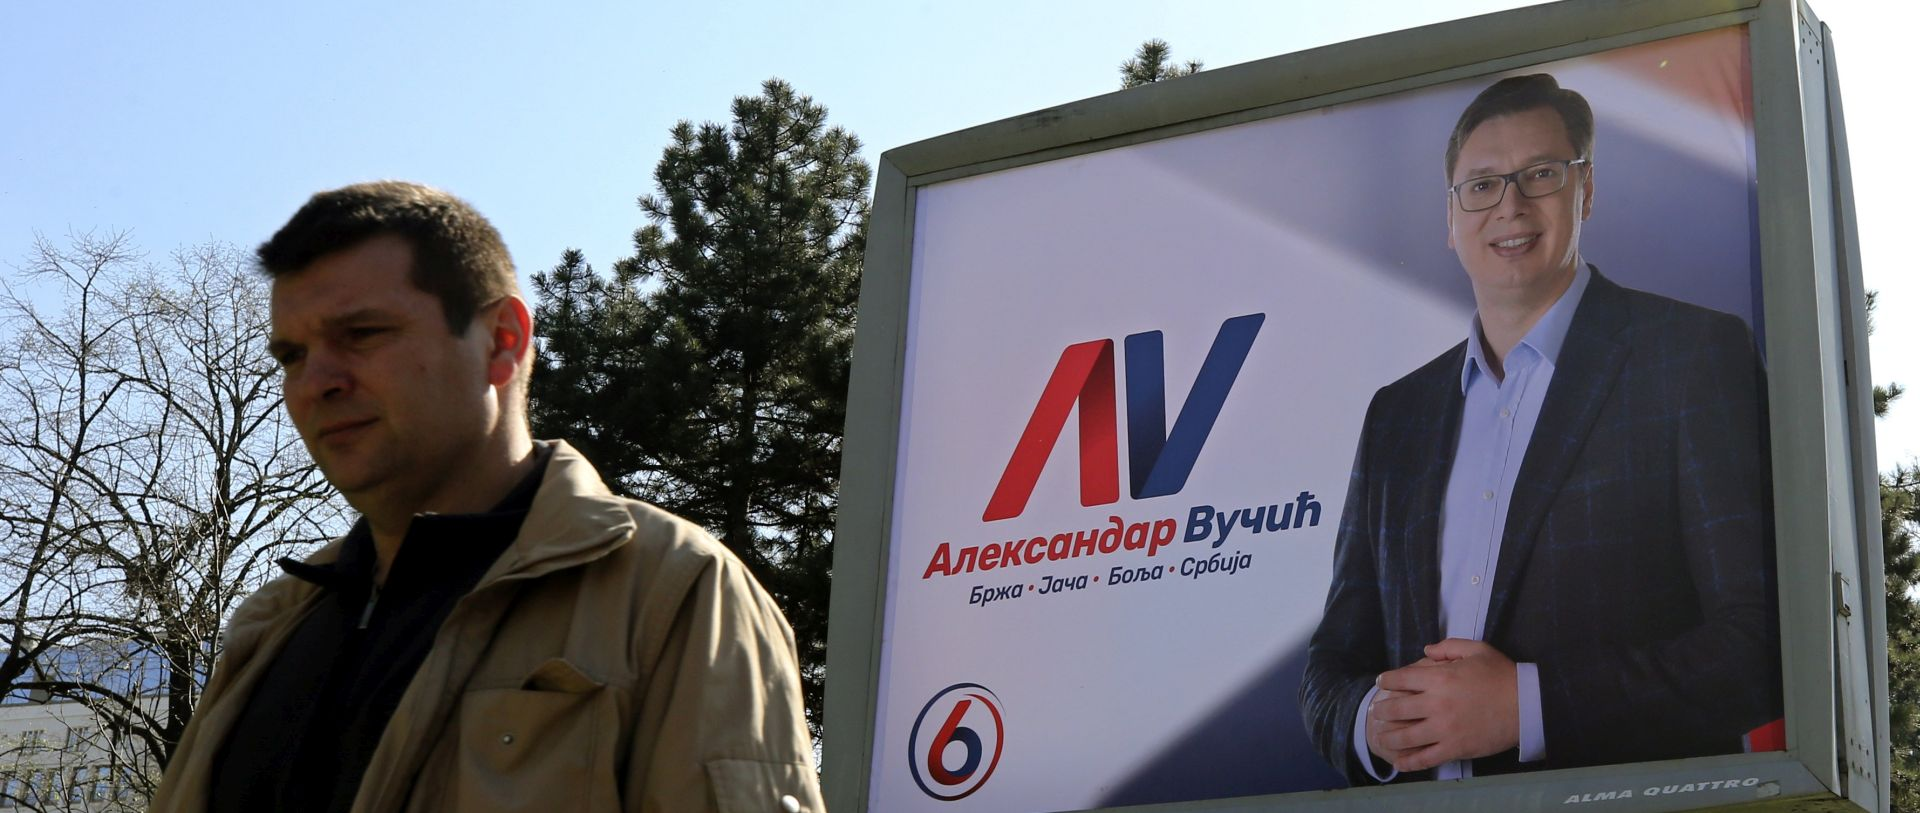 Otvorena birališta za predsjedničke izbore u Srbiji, ankete predviđaju pobjedu Aleksandra Vučića